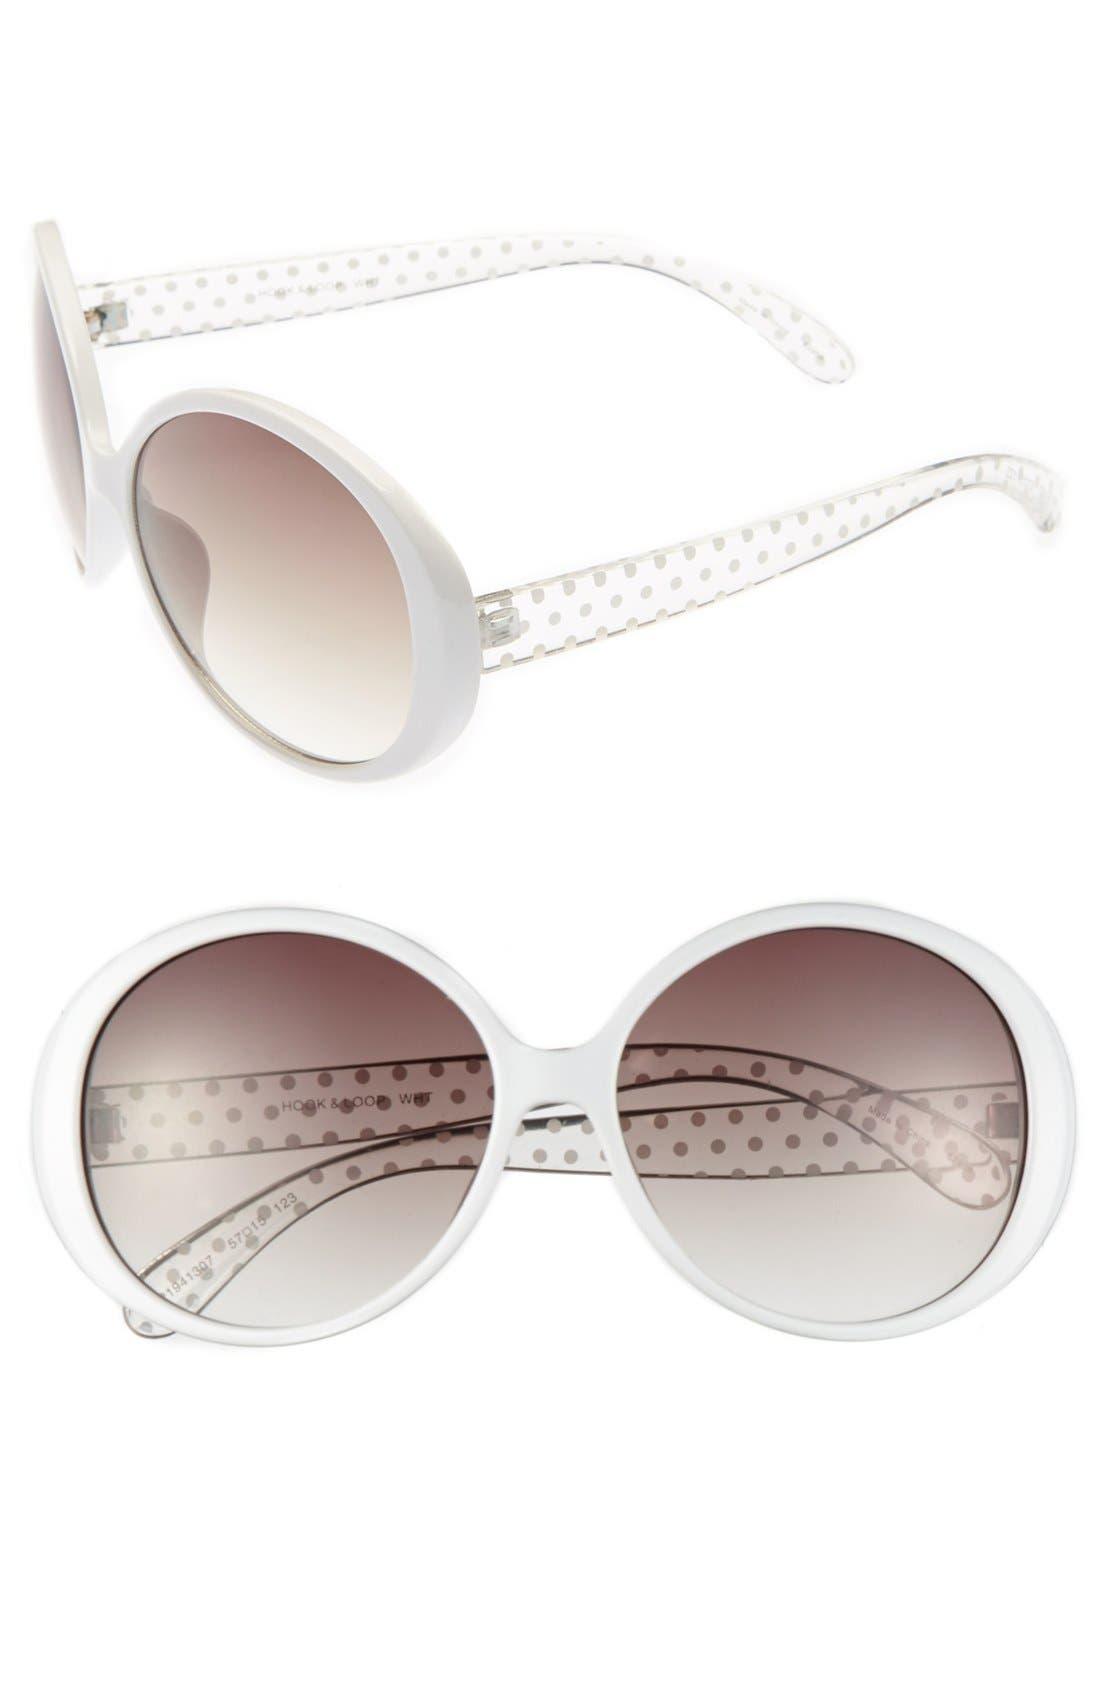 Alternate Image 1 Selected - Outlook Eyewear 'Hook & Loop' 57mm Sunglasses